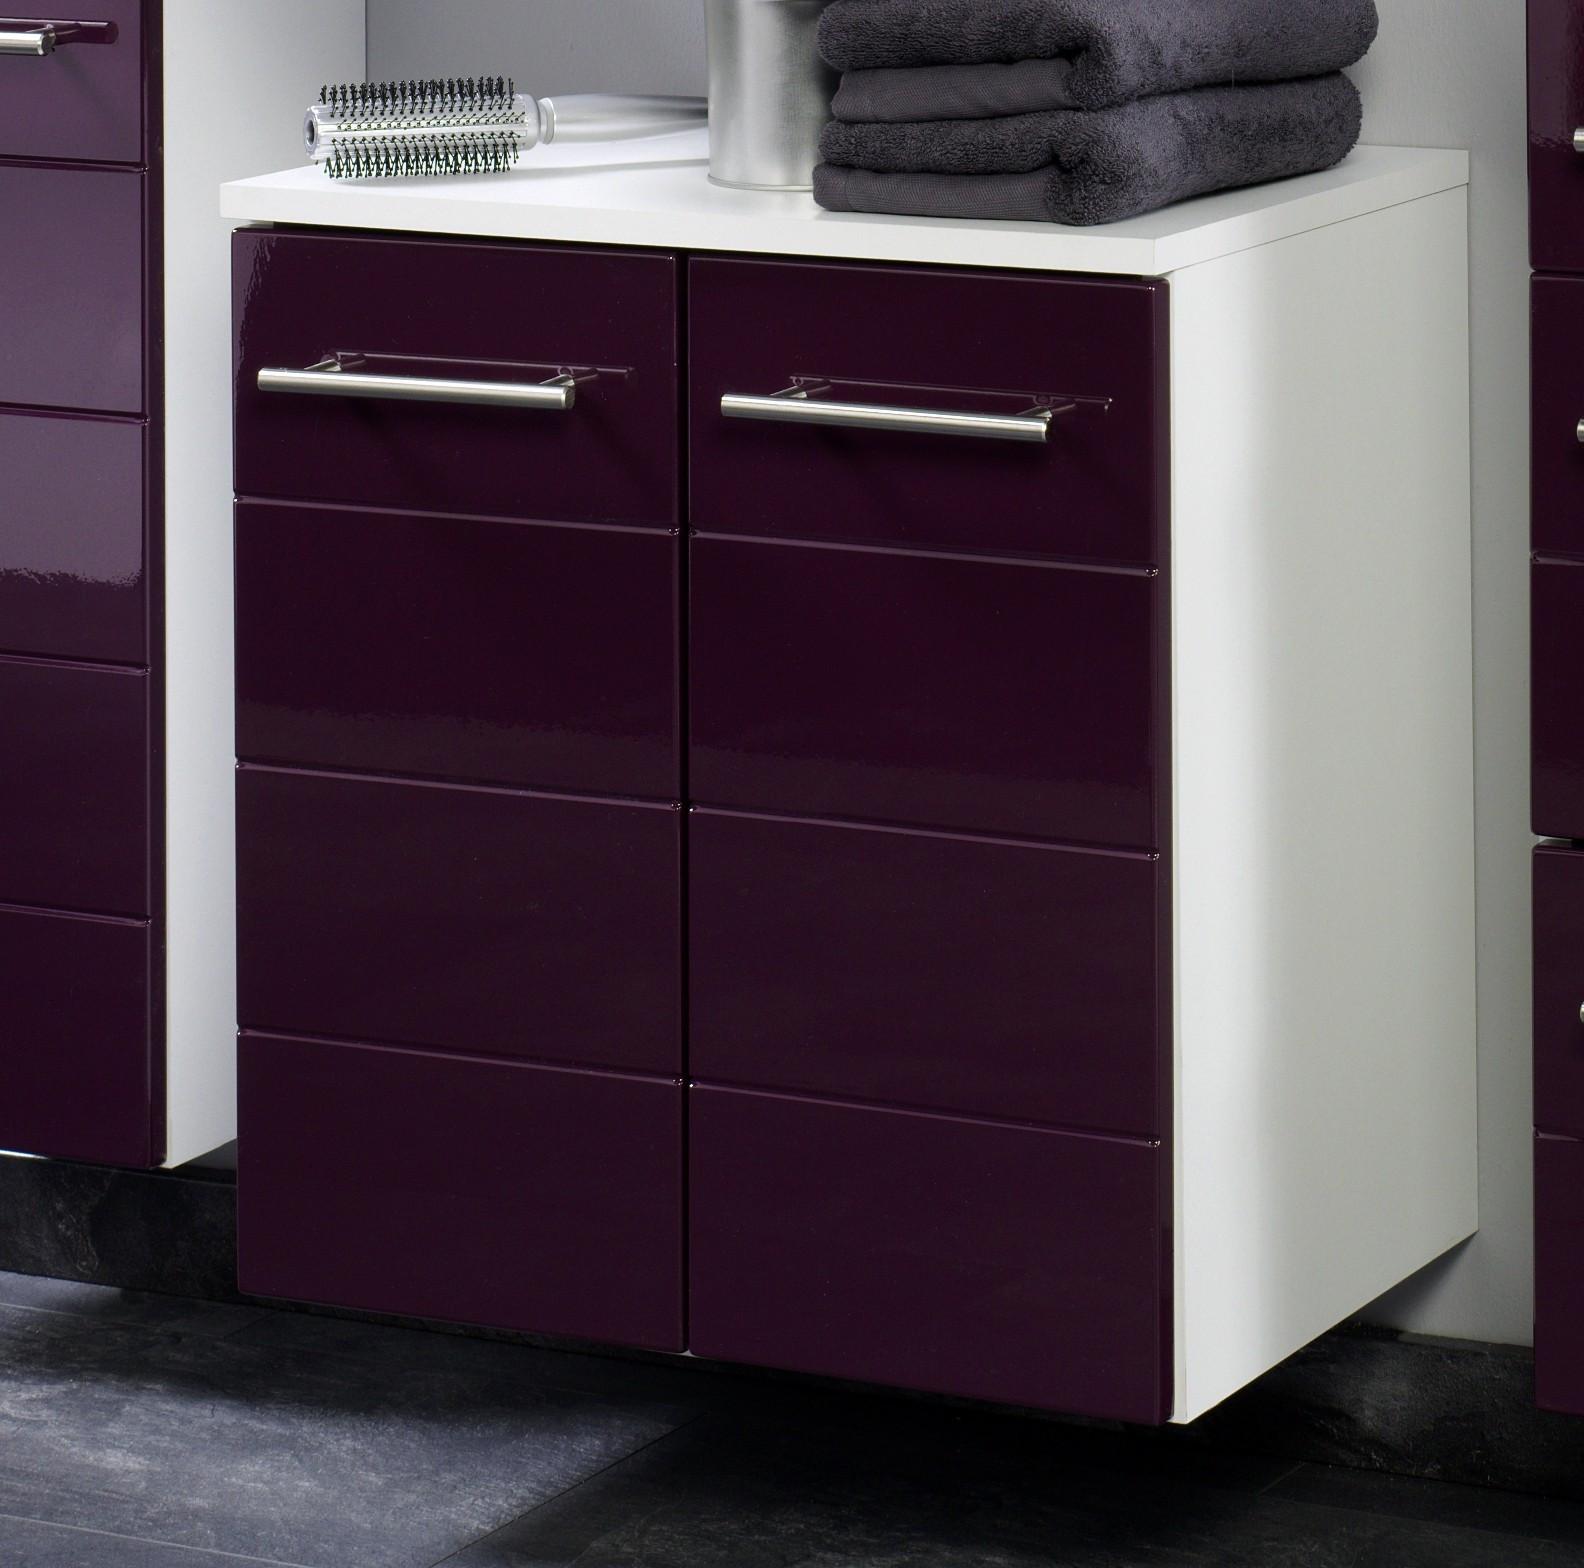 Waschbeckenunterschrank 50 Cm Breit  Bad Waschbeckenunterschrank RIMINI 2 türig 50 cm breit